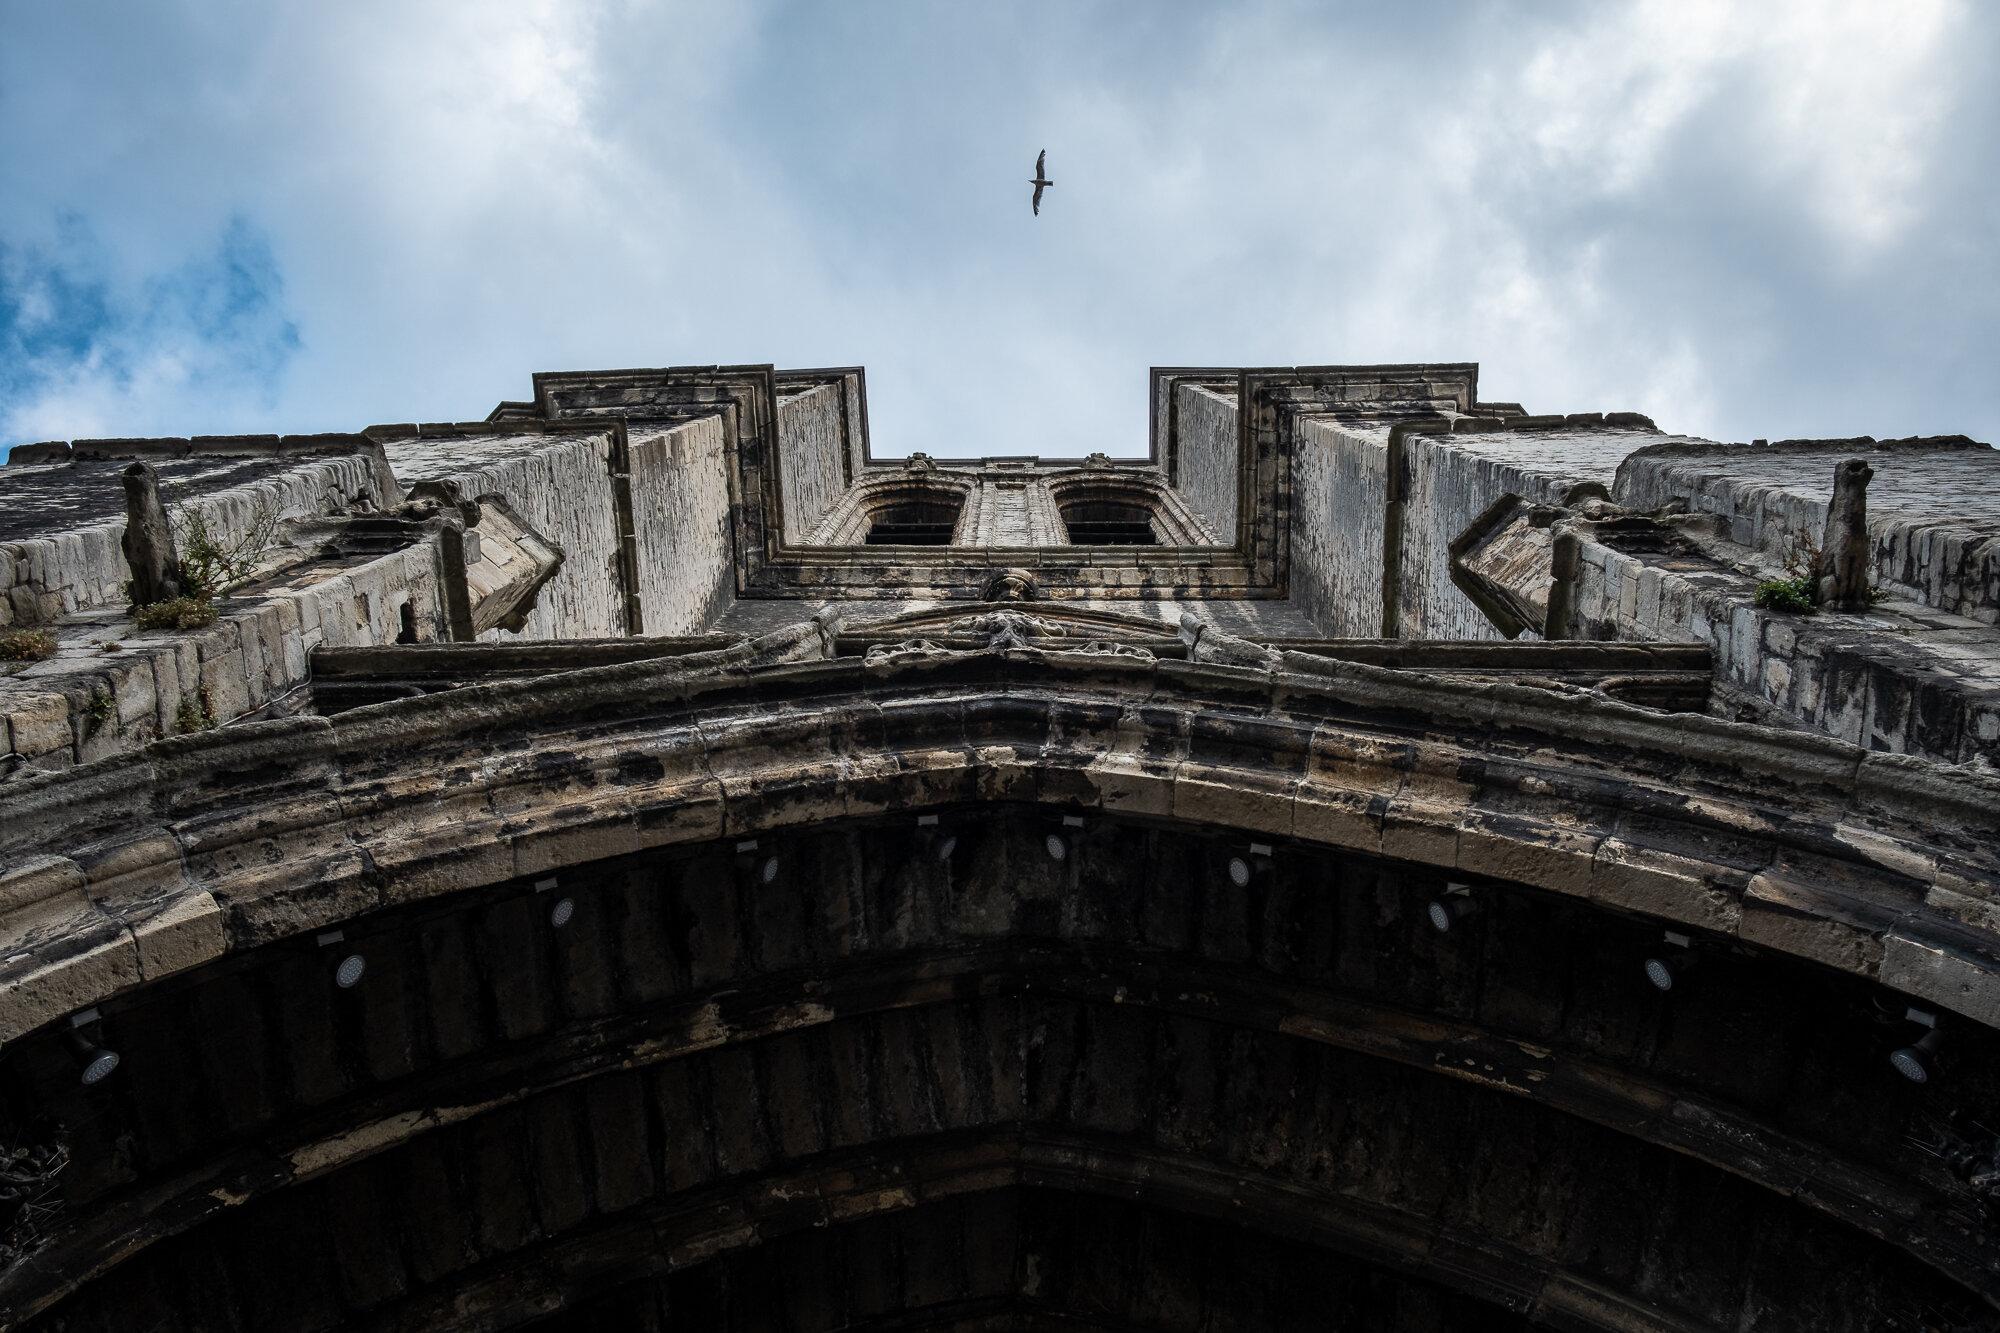 Saint Michael's Church's arched entrance